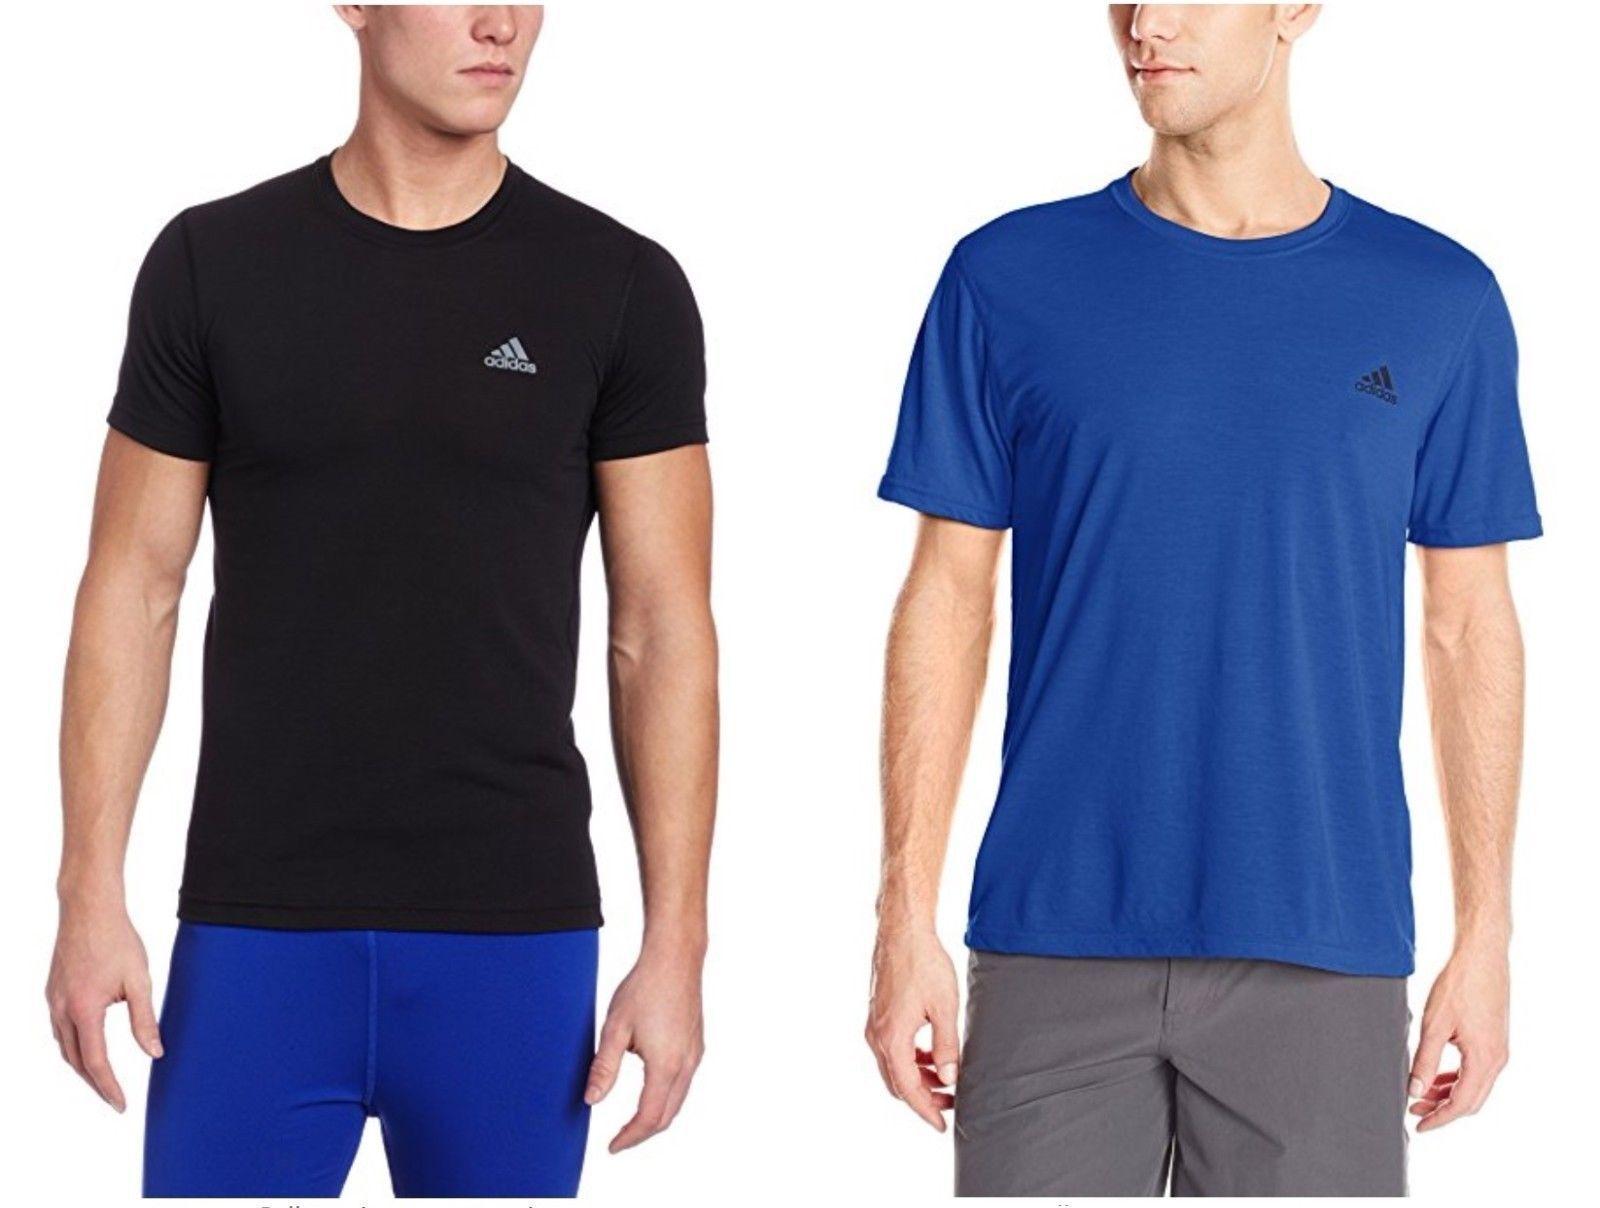 """Ξ'θληΟ""""ΞΉΞΊΟŒ μπλουάκι αθλητικΞ�Ο' μπλούας Adidas ΞΌΞ΅ αθλητικΞ� ΡπίδΡσμο Ξ³ΞΉΞ± την ΡνΡργό Ξ±Ο€ΟŒΞ΄ΞΏΟƒΞ·"""